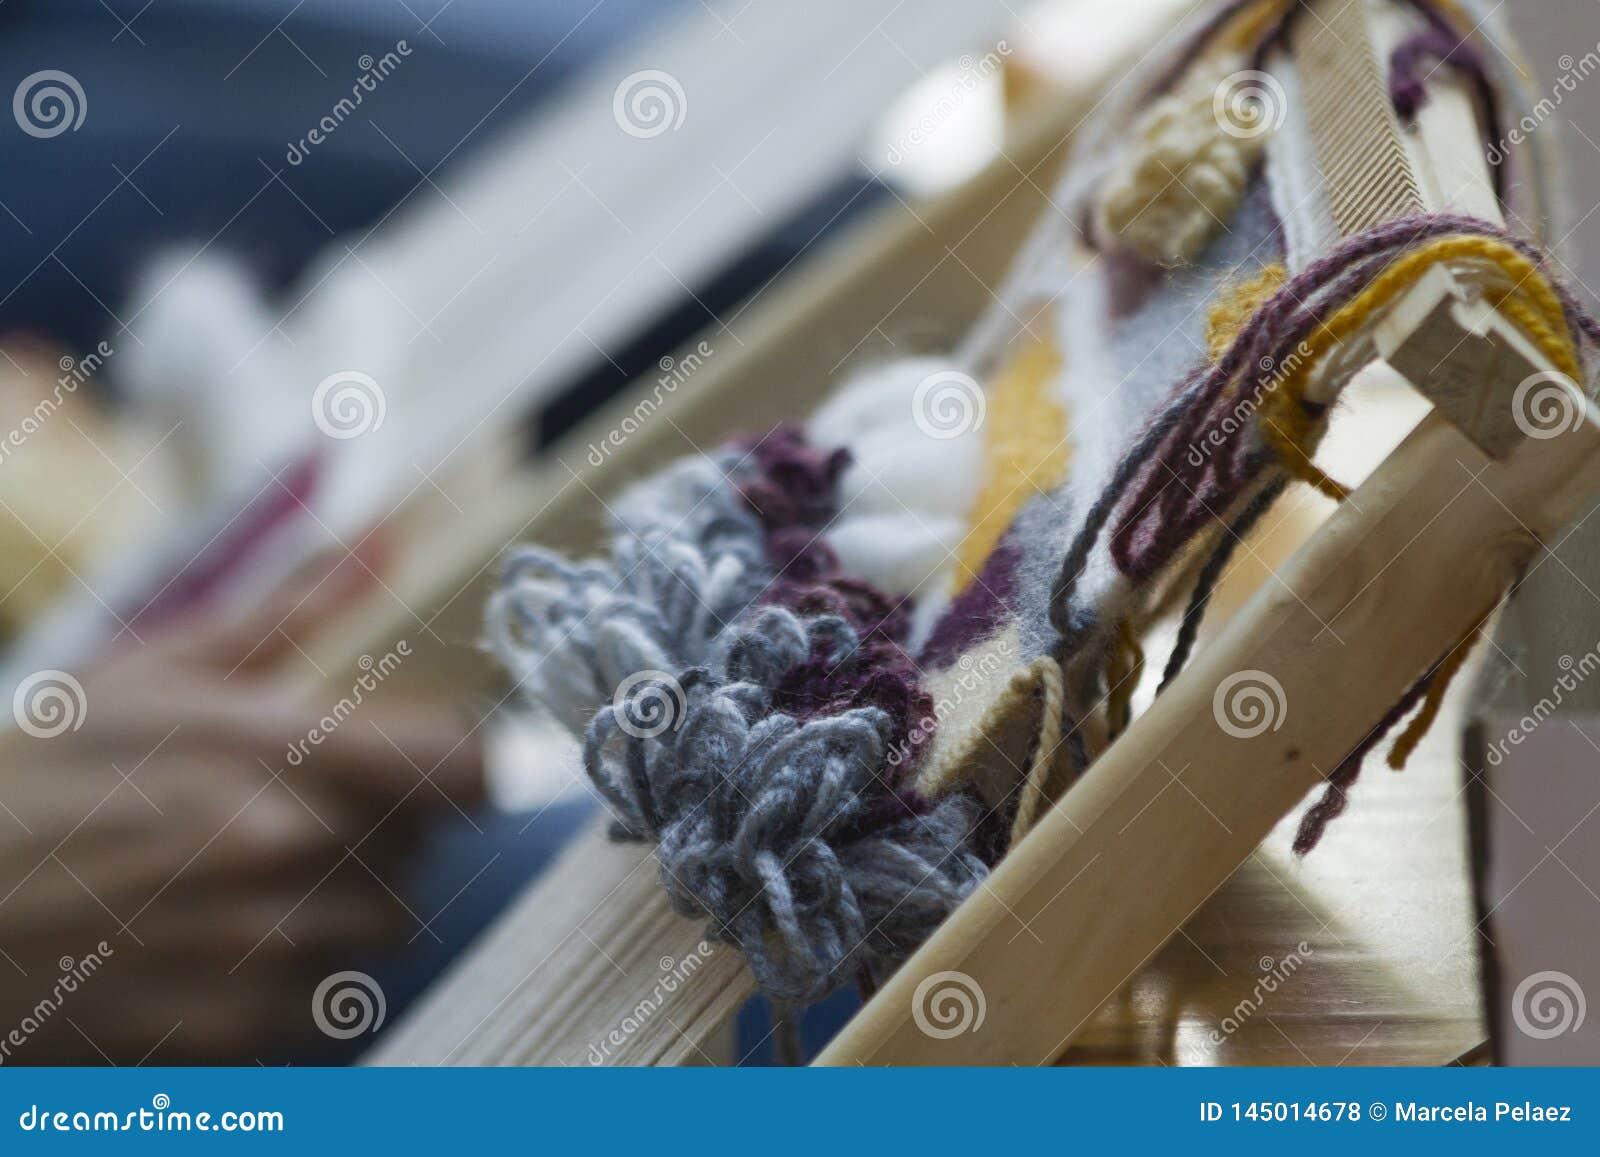 Tappezzeria verticale con il filo giallo e blu beige